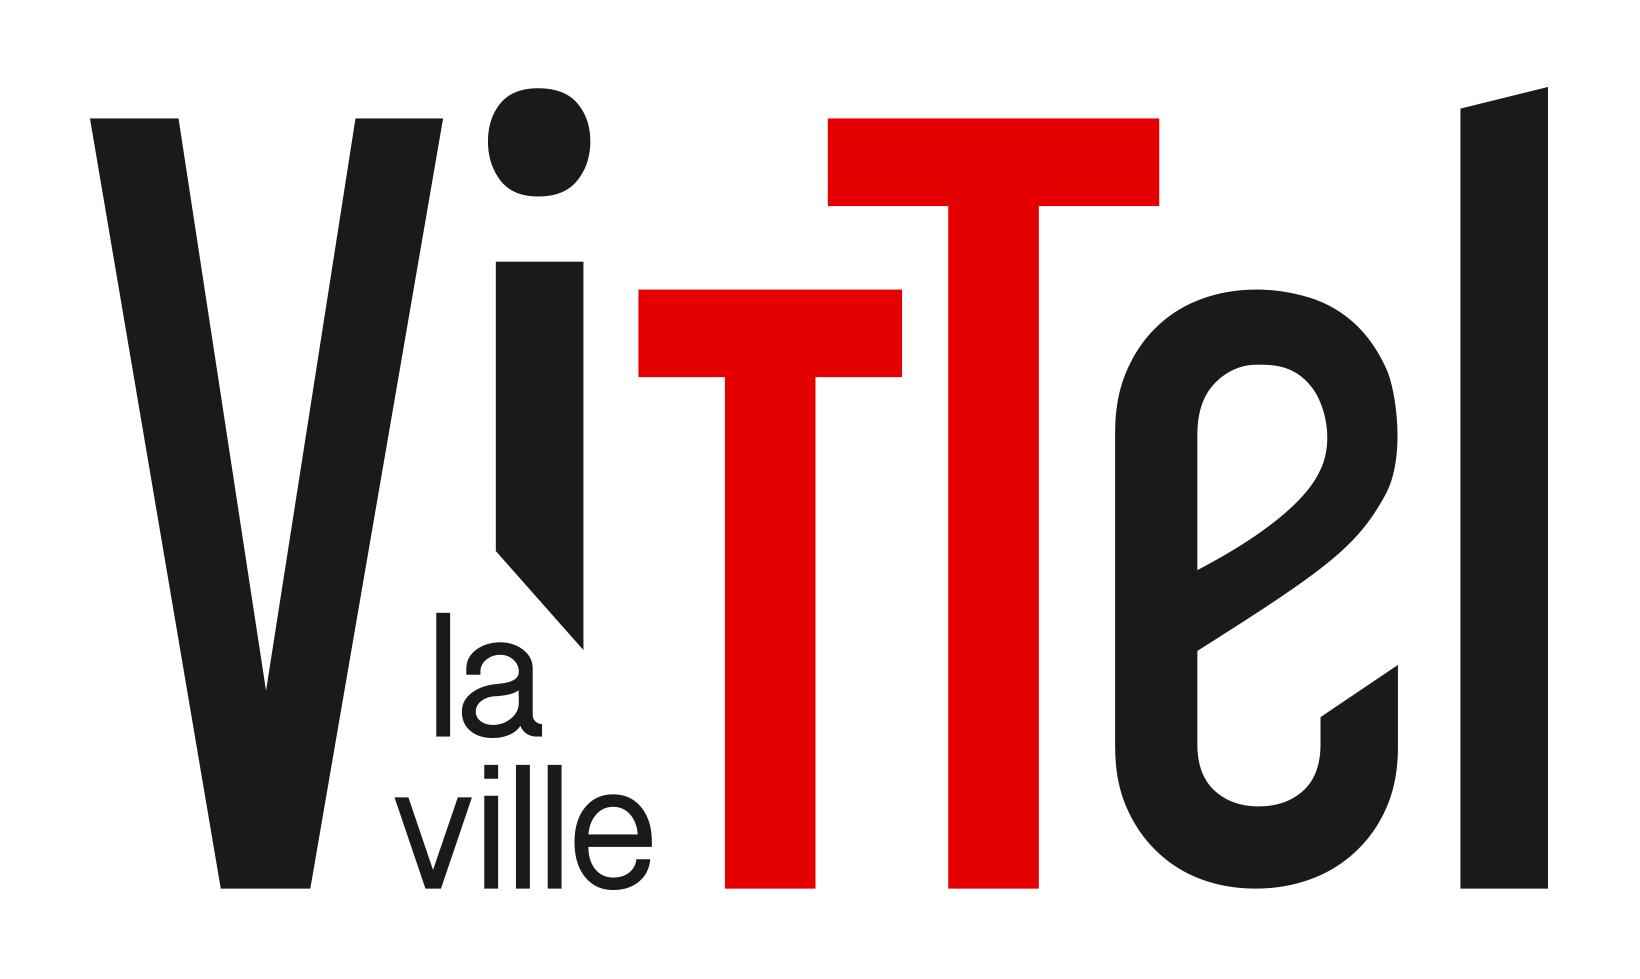 DSP ou gestion (marché public de service) - Ville de Vittel